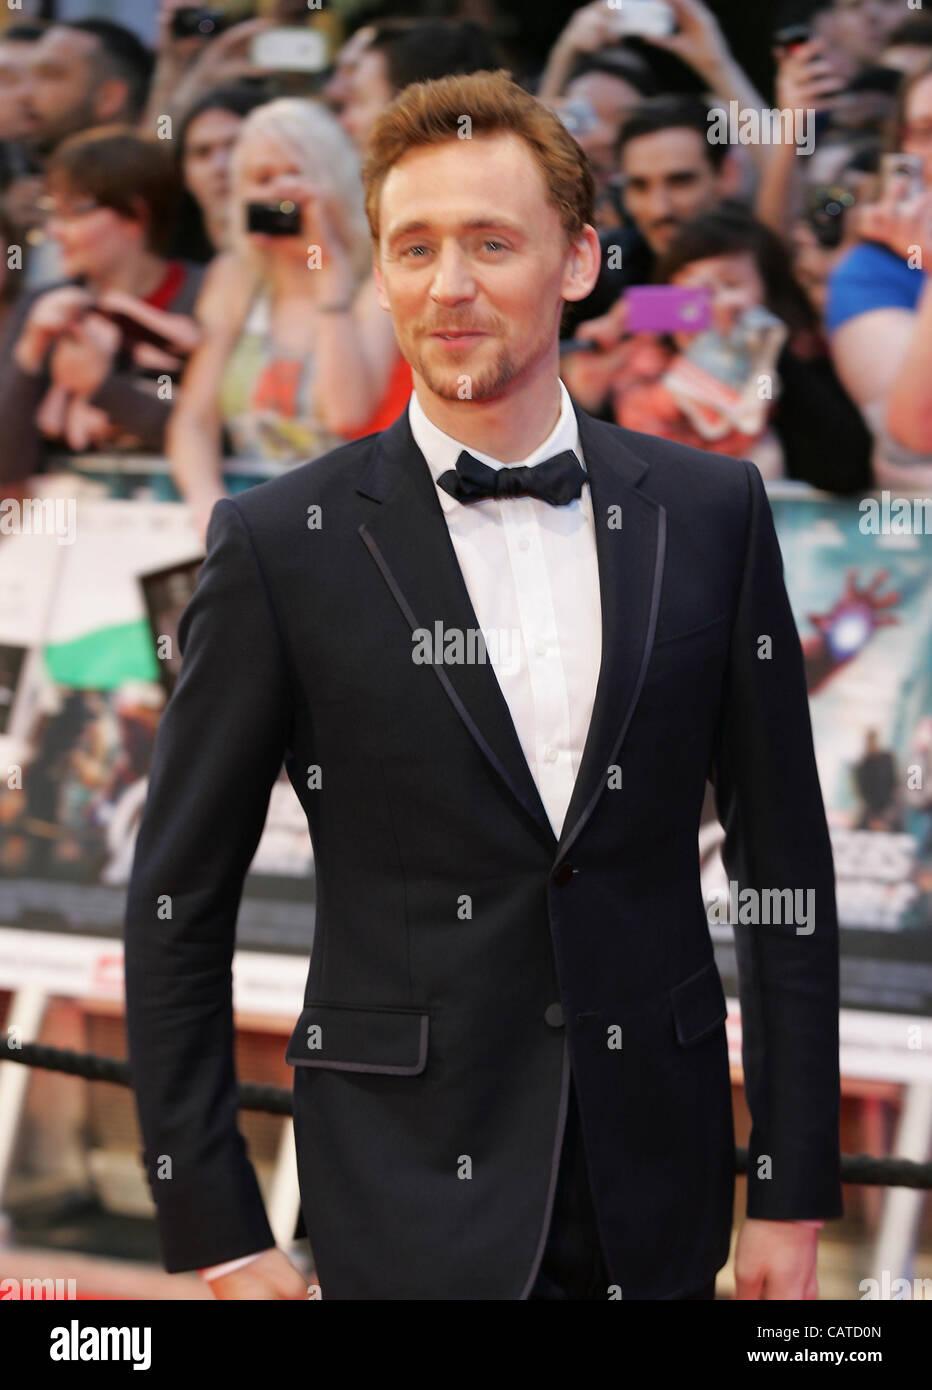 Tom Hiddleston vengeurs assiste à l'assemblage - UK film première mondiale à la vue, Westfield Photo Stock